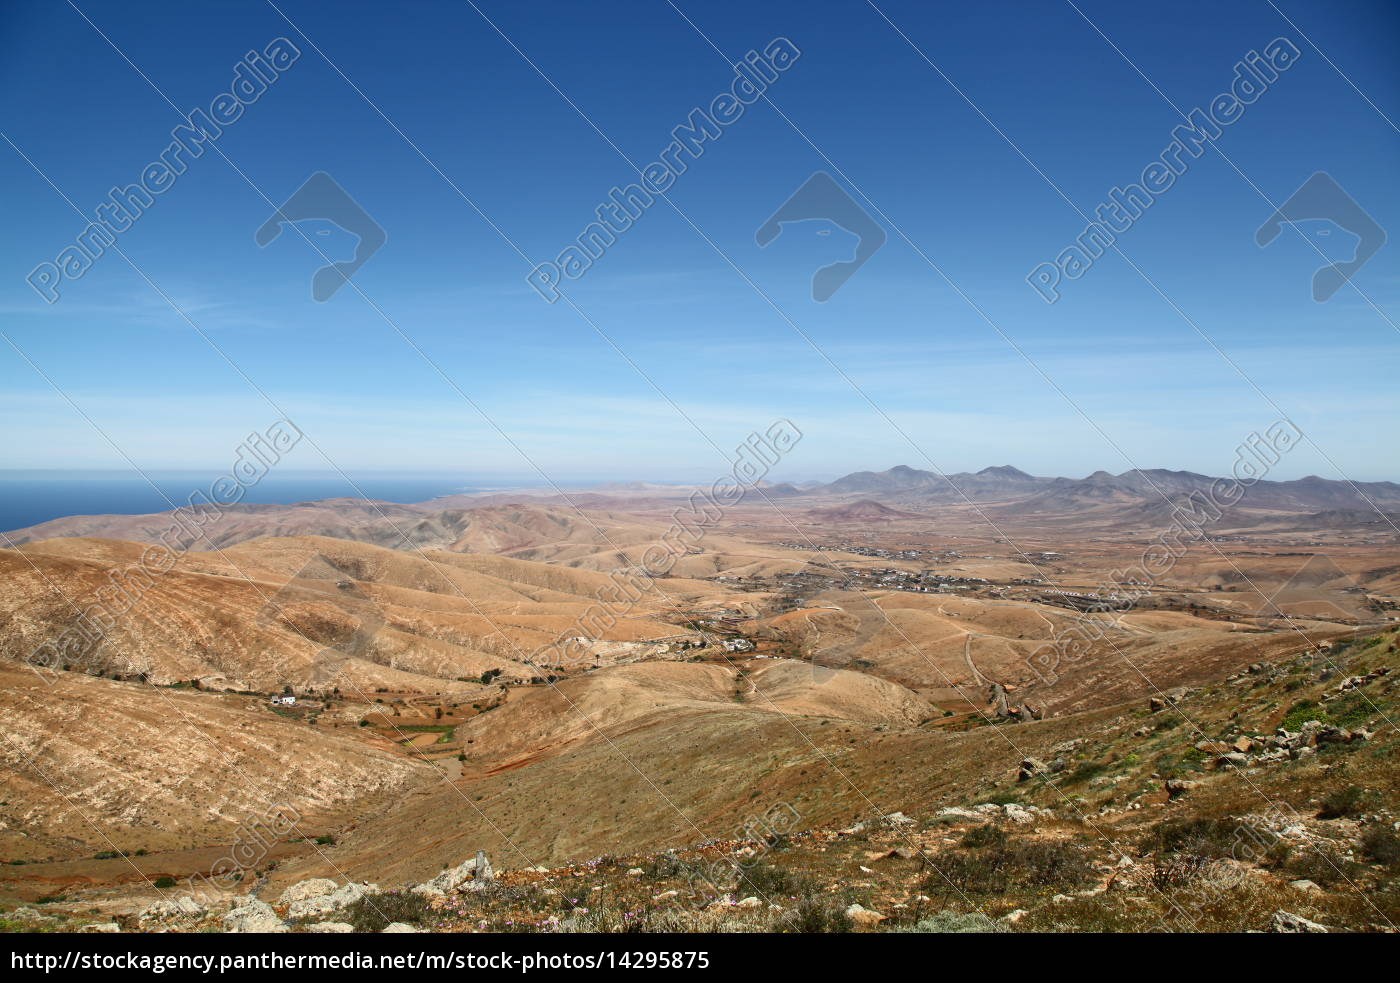 høj, bakke, høje, bakker, bjerge, kanariske øer - 14295875